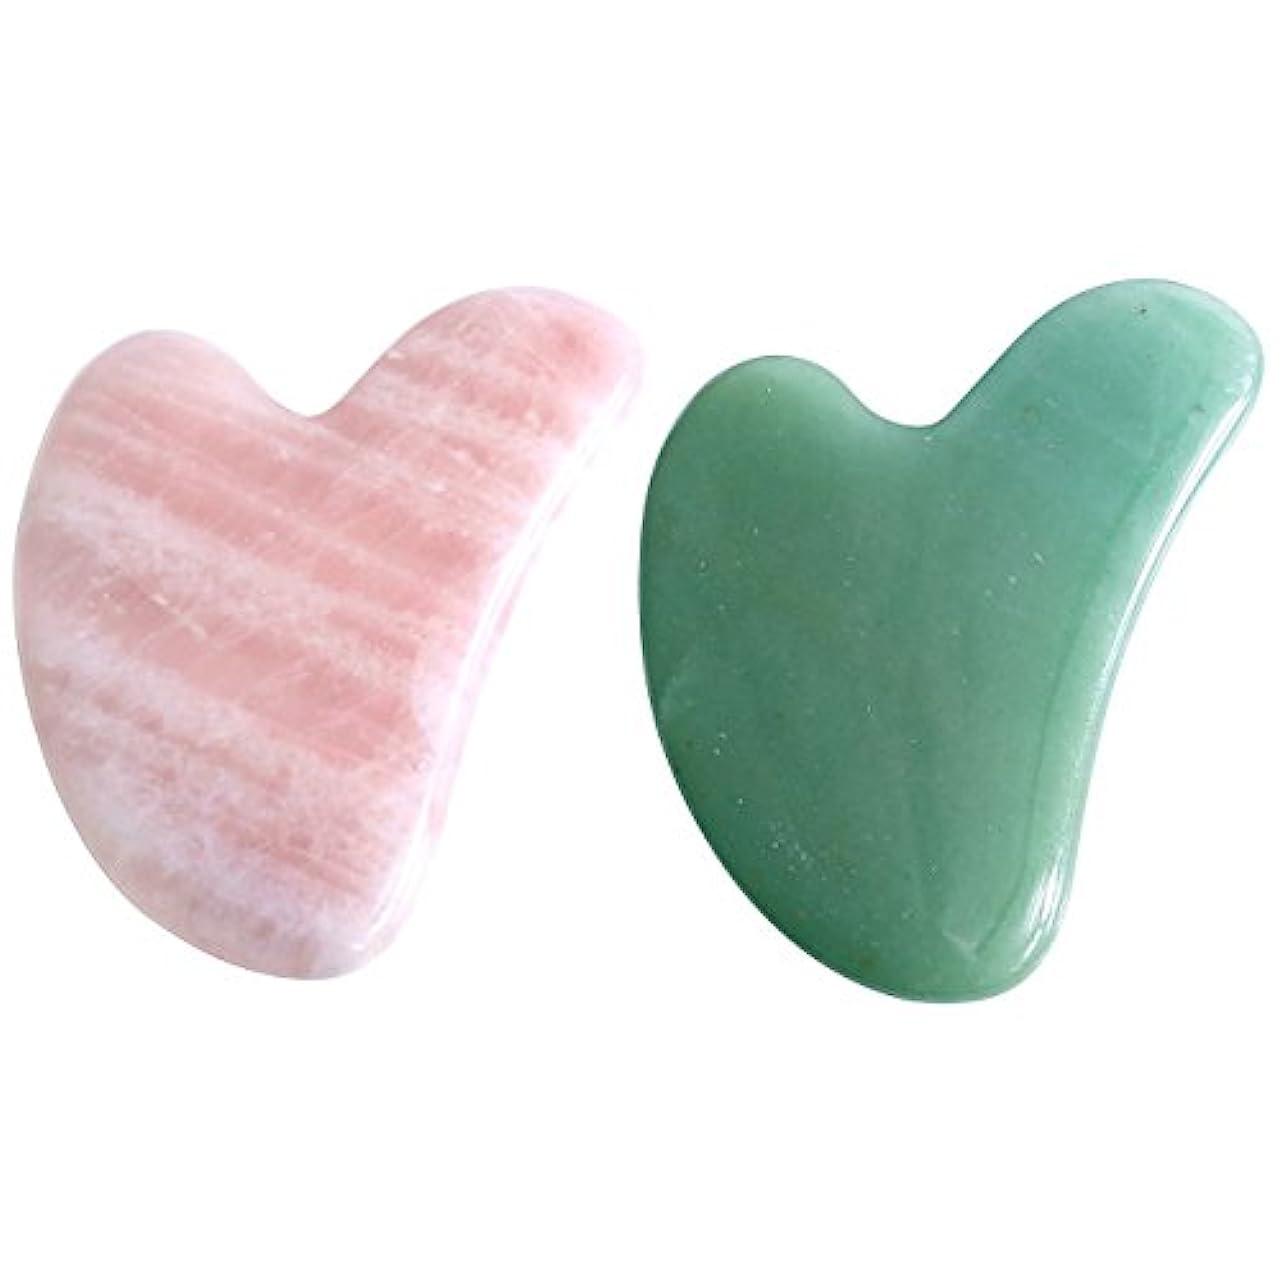 フェンスシミュレートする洗剤2点セット2pcsFace / Body Massage rose quartz/ Adventurine heart shape Gua Sha 心臓の/ハート形状かっさプレート 天然石ローズクォーツ 翡翠,顔?ボディのリンパマッサージ